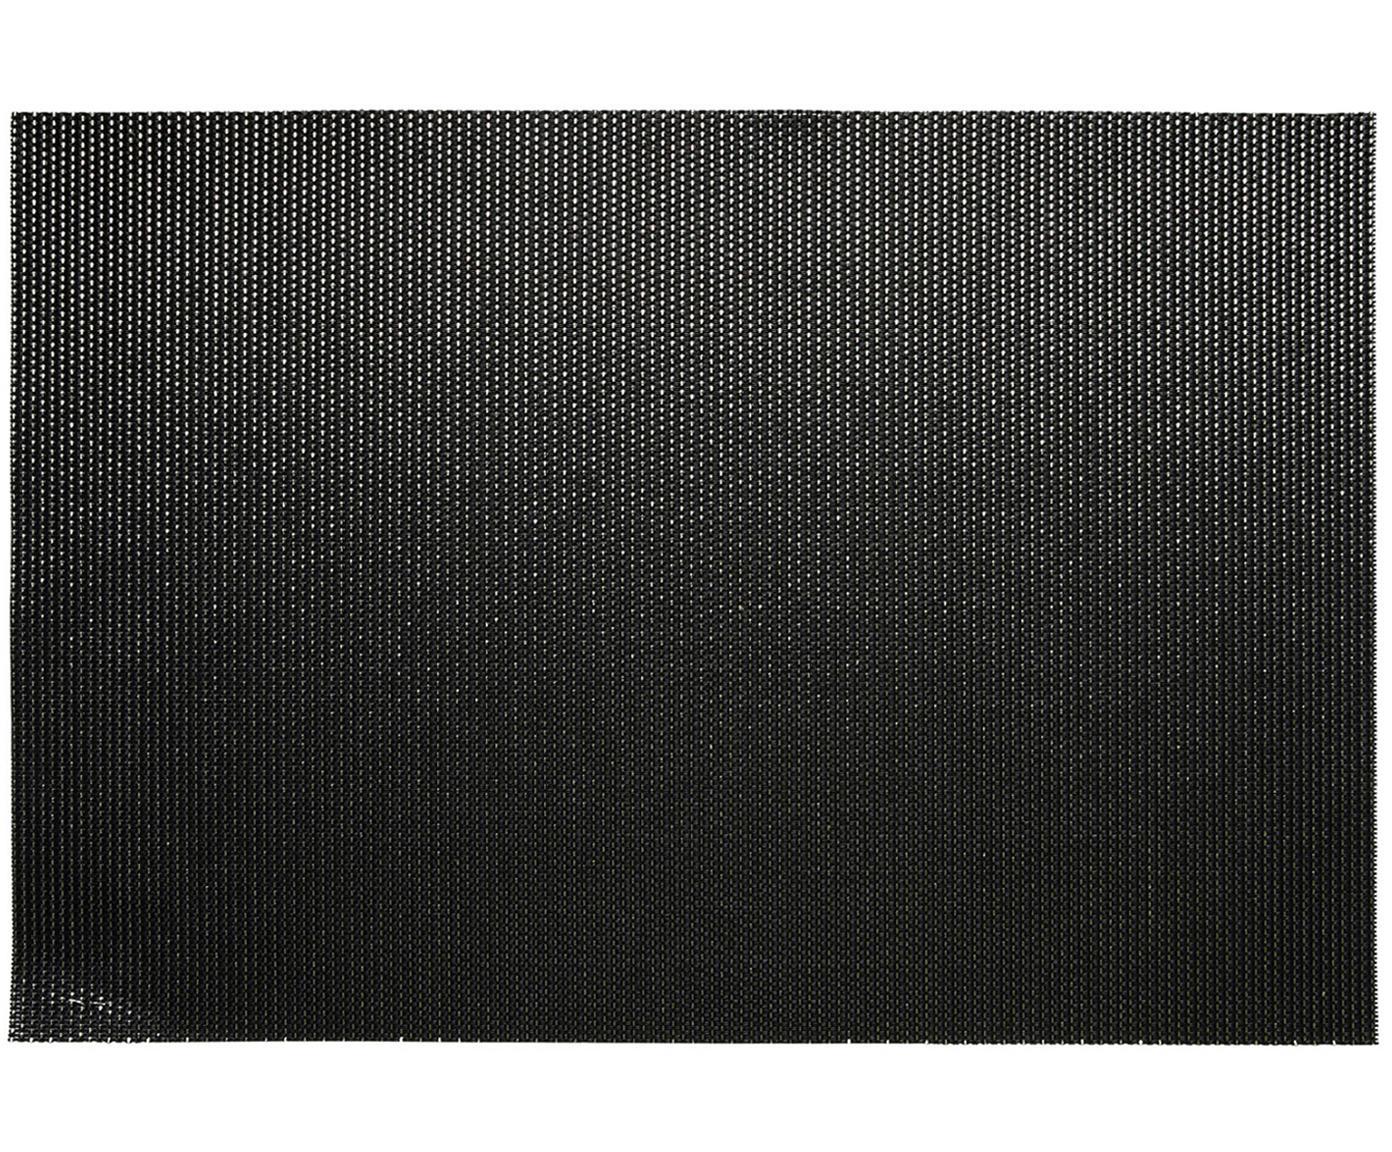 Podkładka z tworzywa sztucznego Brilliant, 2 szt., Tworzywo sztuczne, Czarny, odcienie złotego, S 30 x D 45 cm